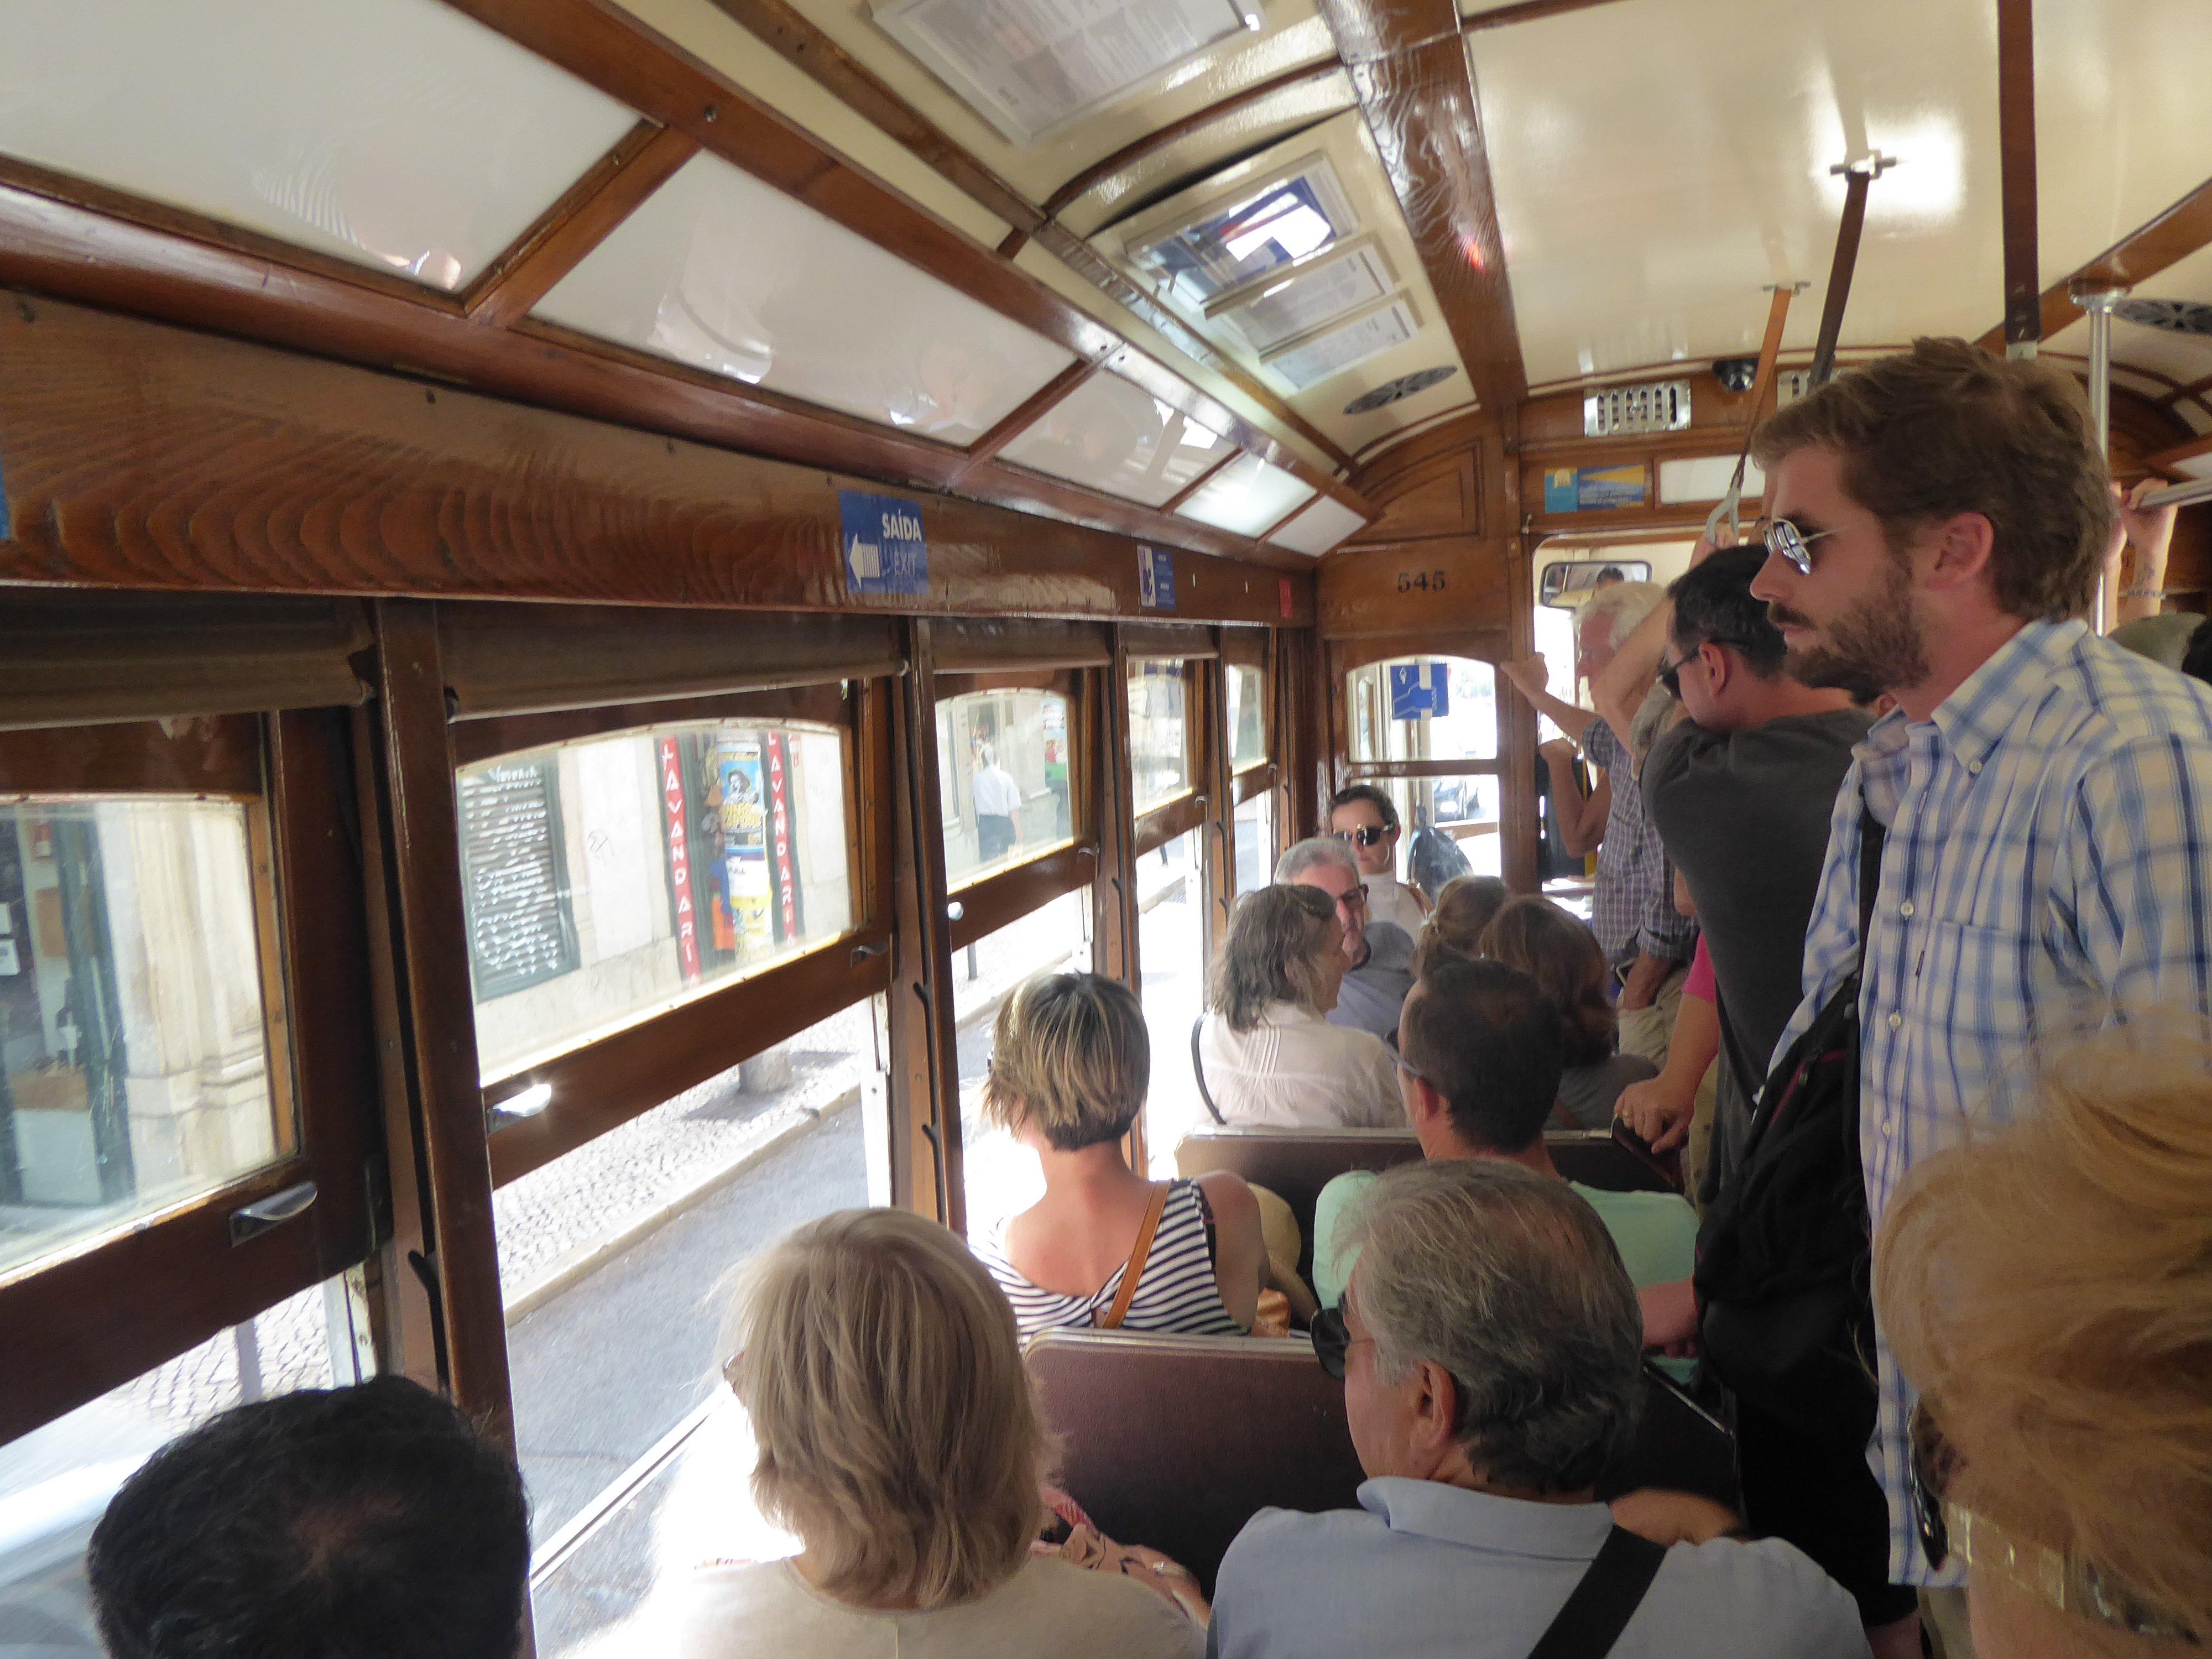 No.28 Tram